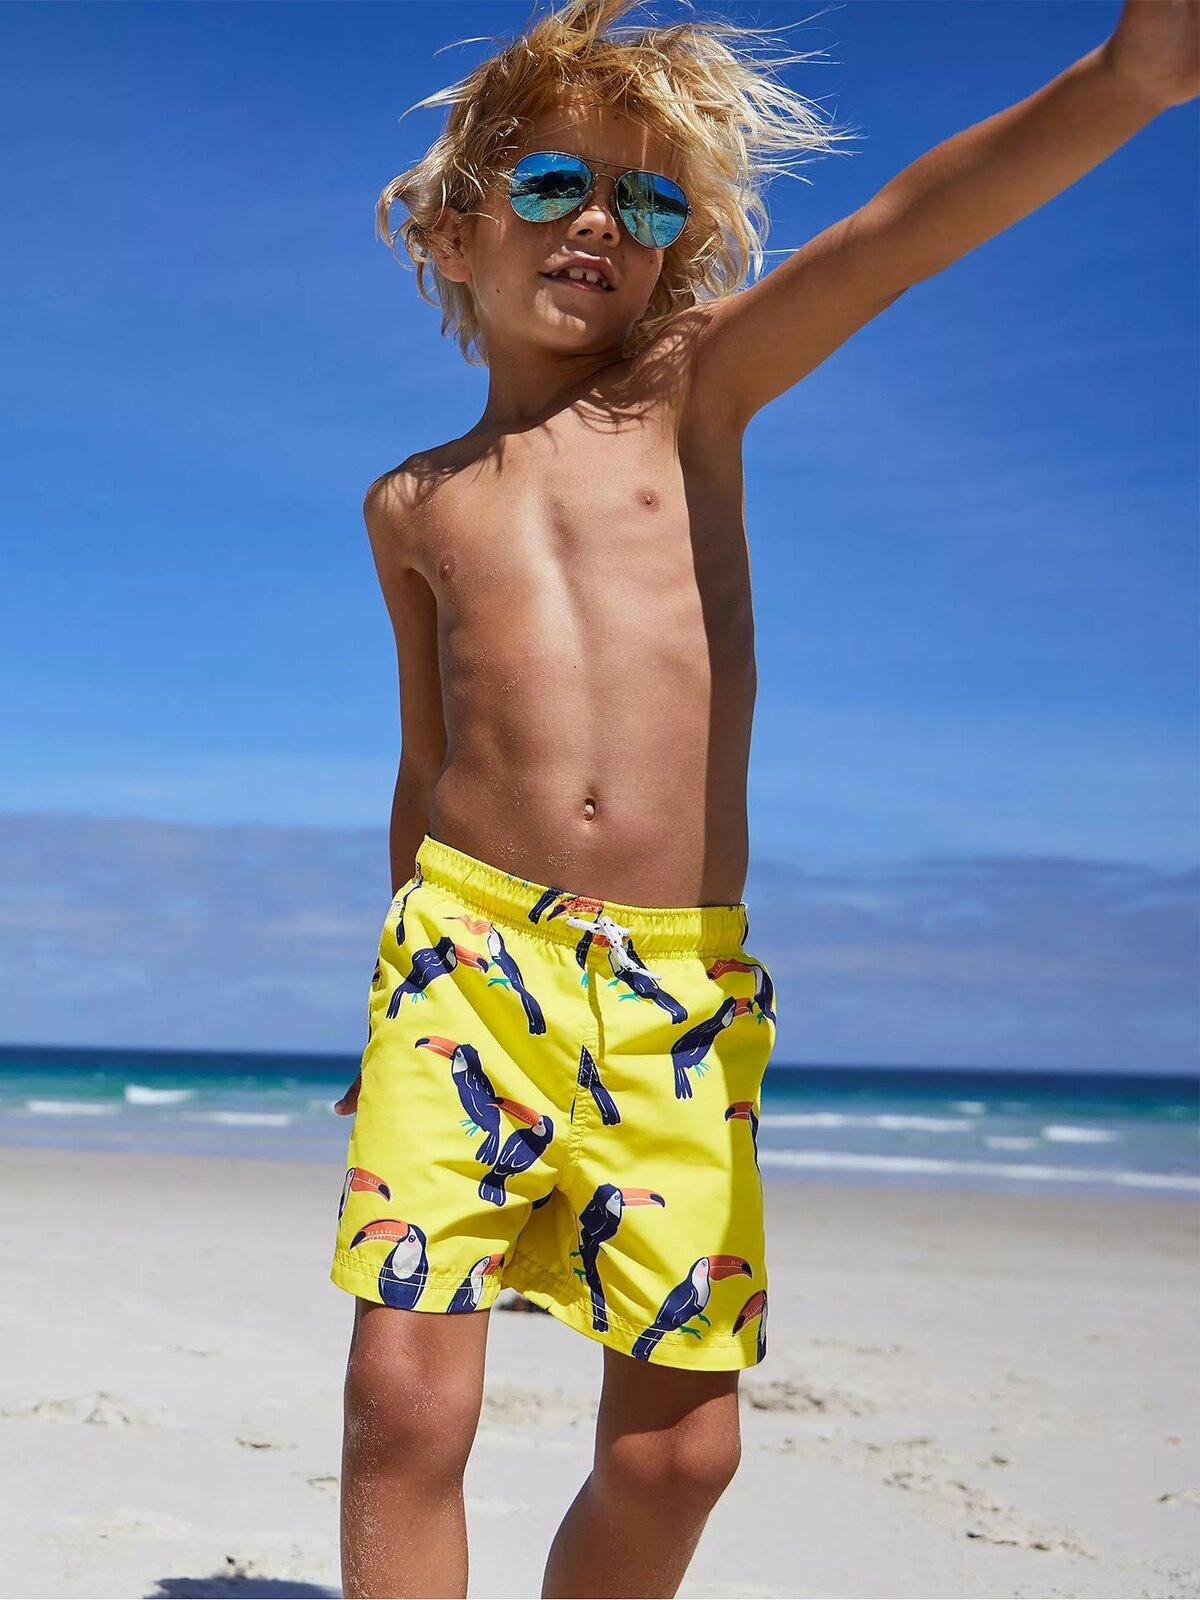 Мальчик Голый 12 Лет На Пляже